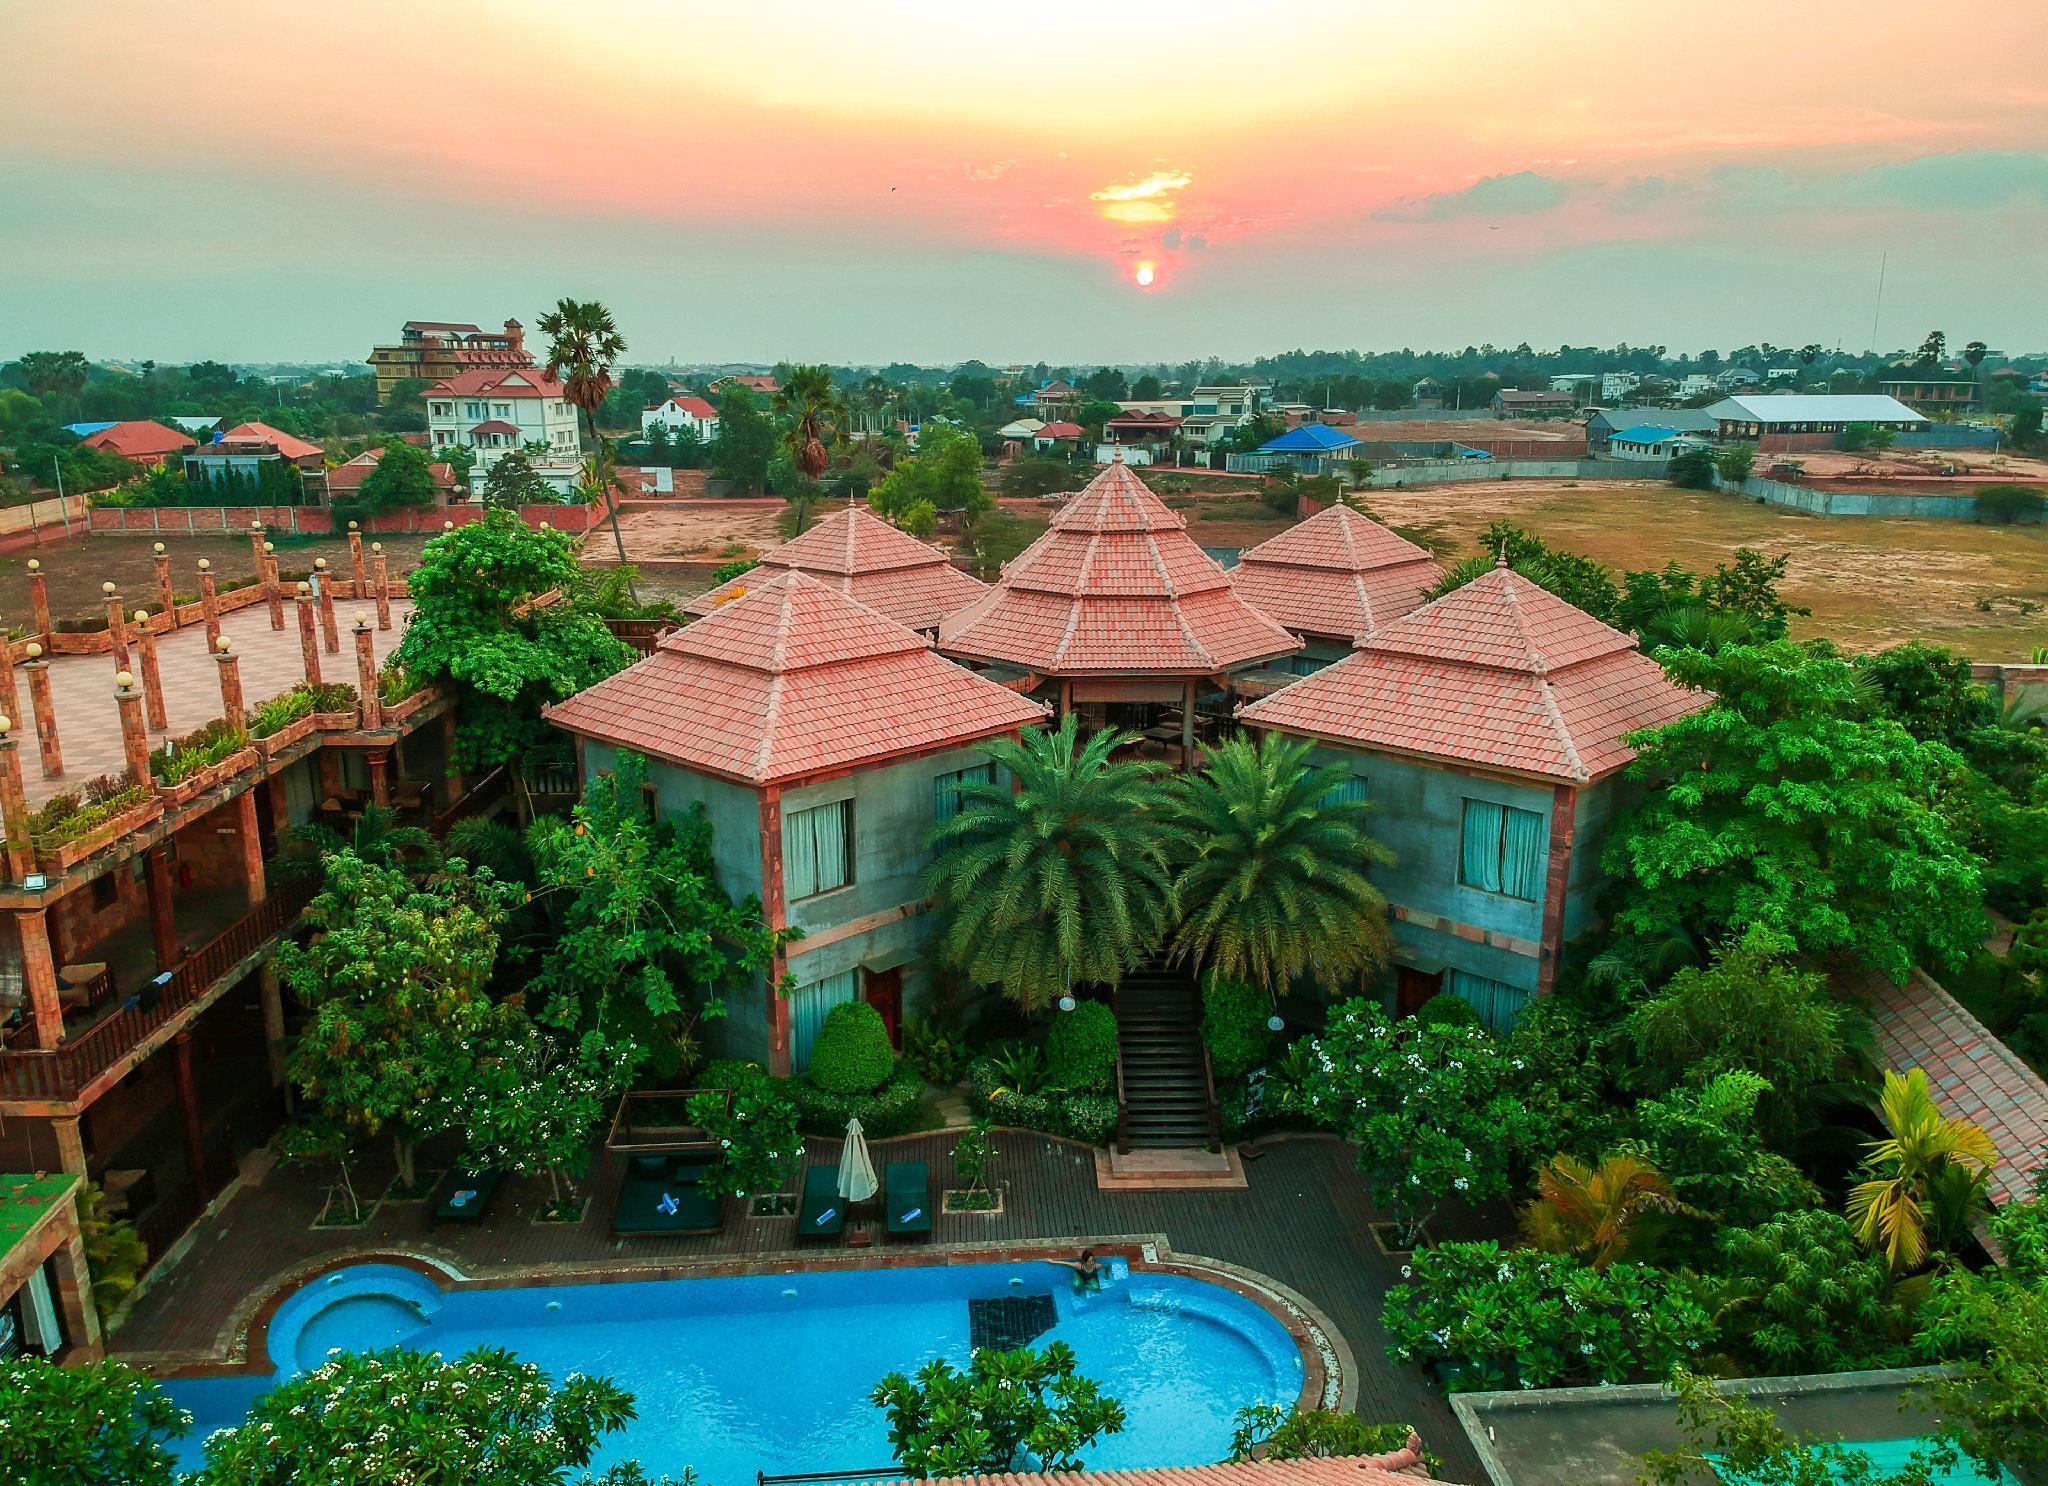 Model Angkor Resort